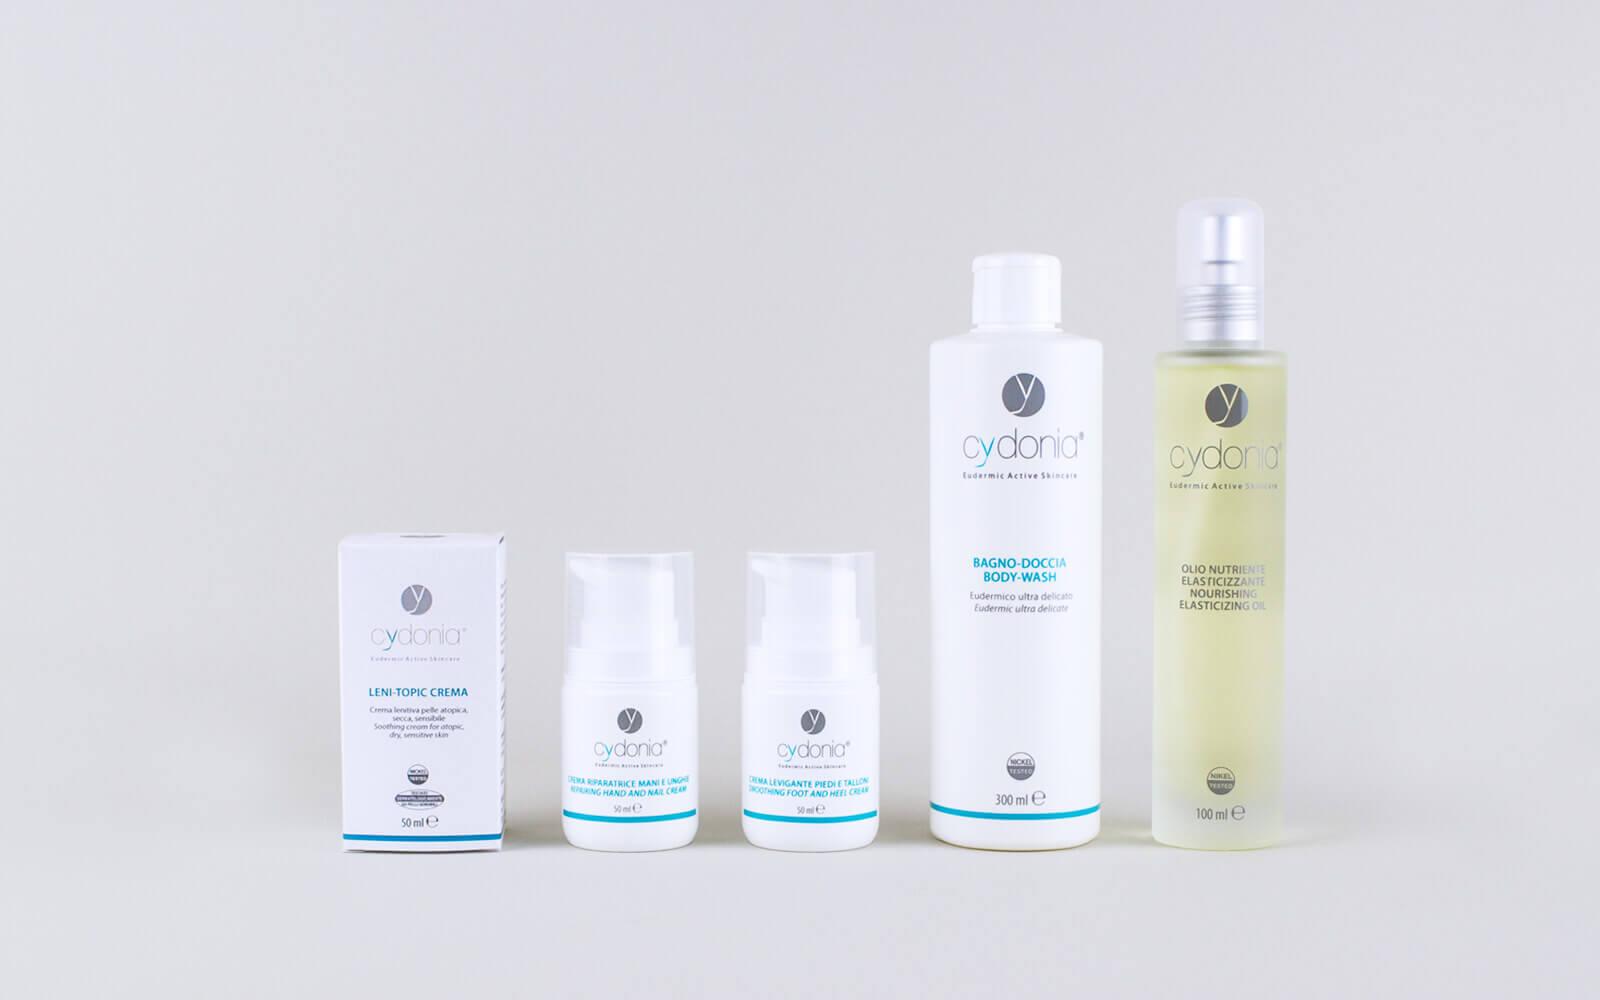 Prodotti della linea dia-derma corpo, per la cura e la bellezza della tua pelle